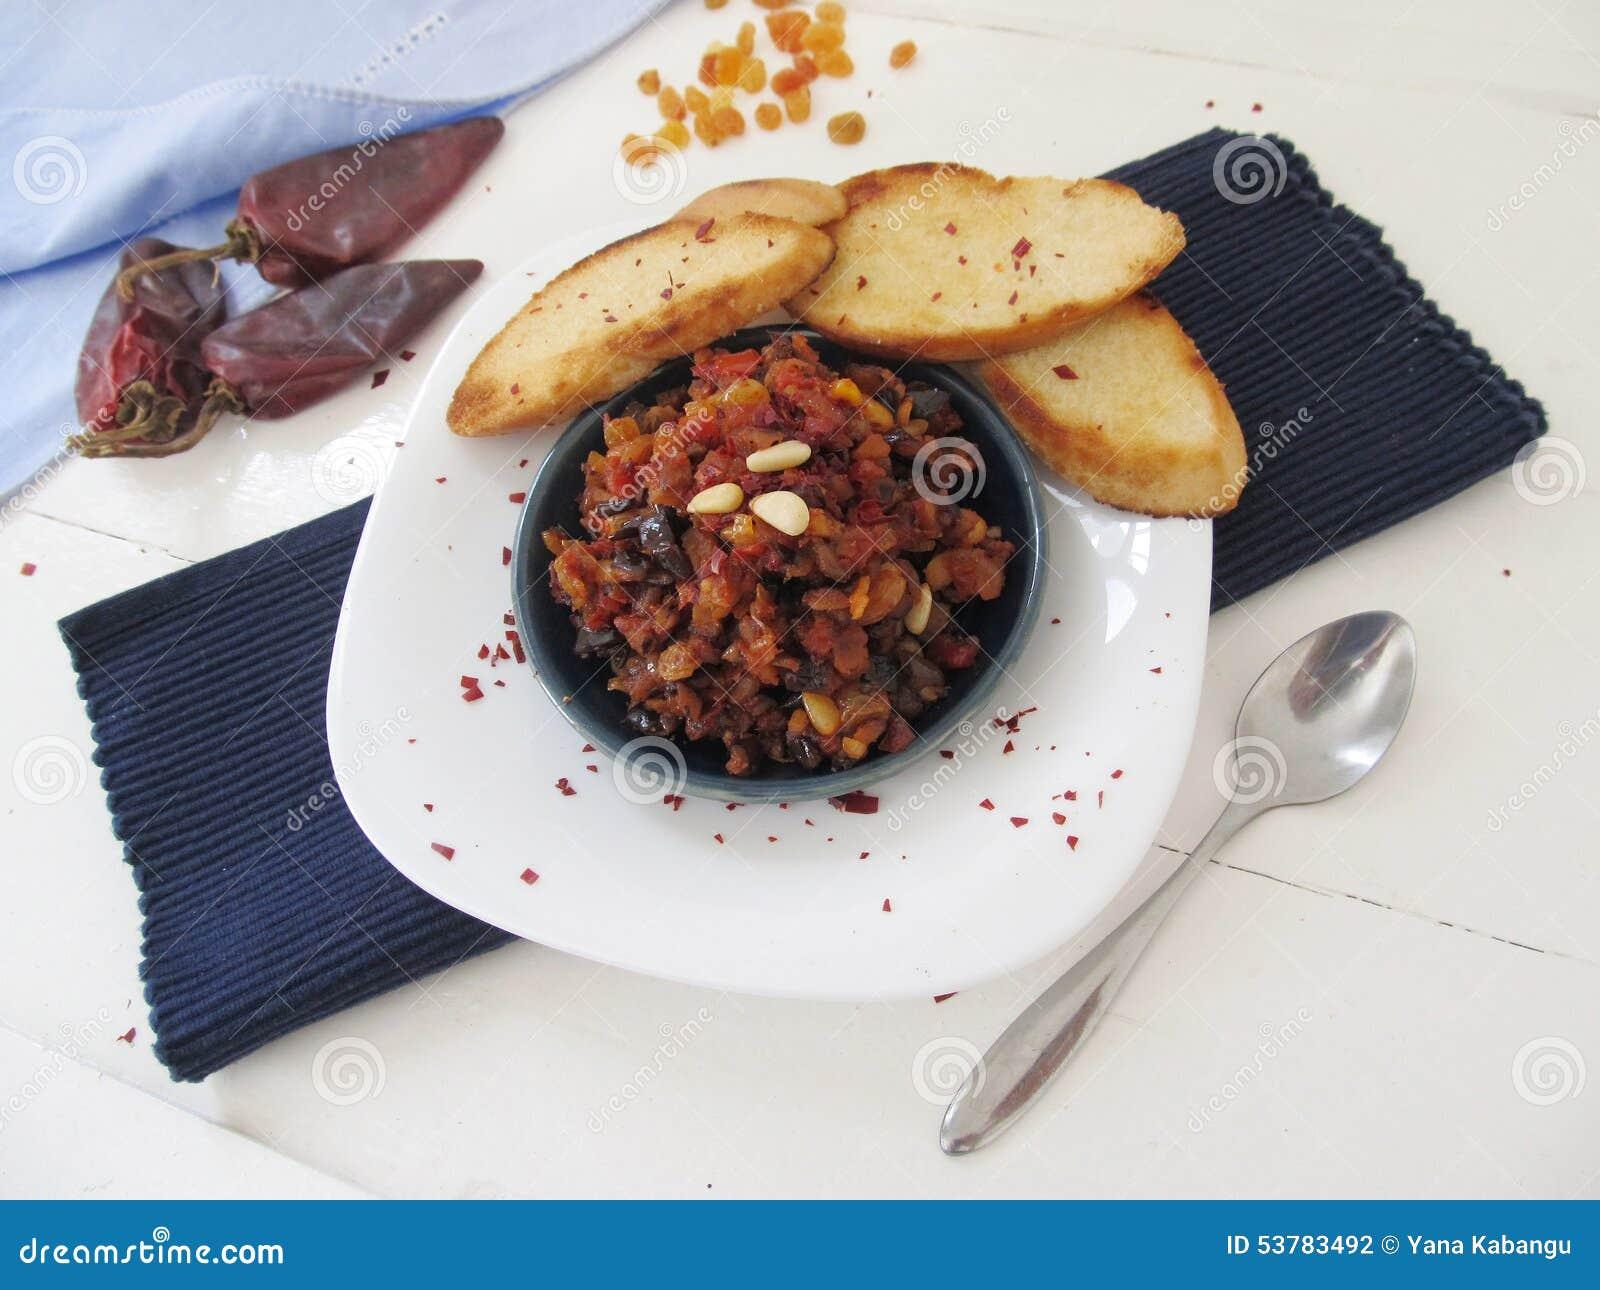 Caponata - eggplant relish with tomatoes, onion, pine nuts and raisins ...